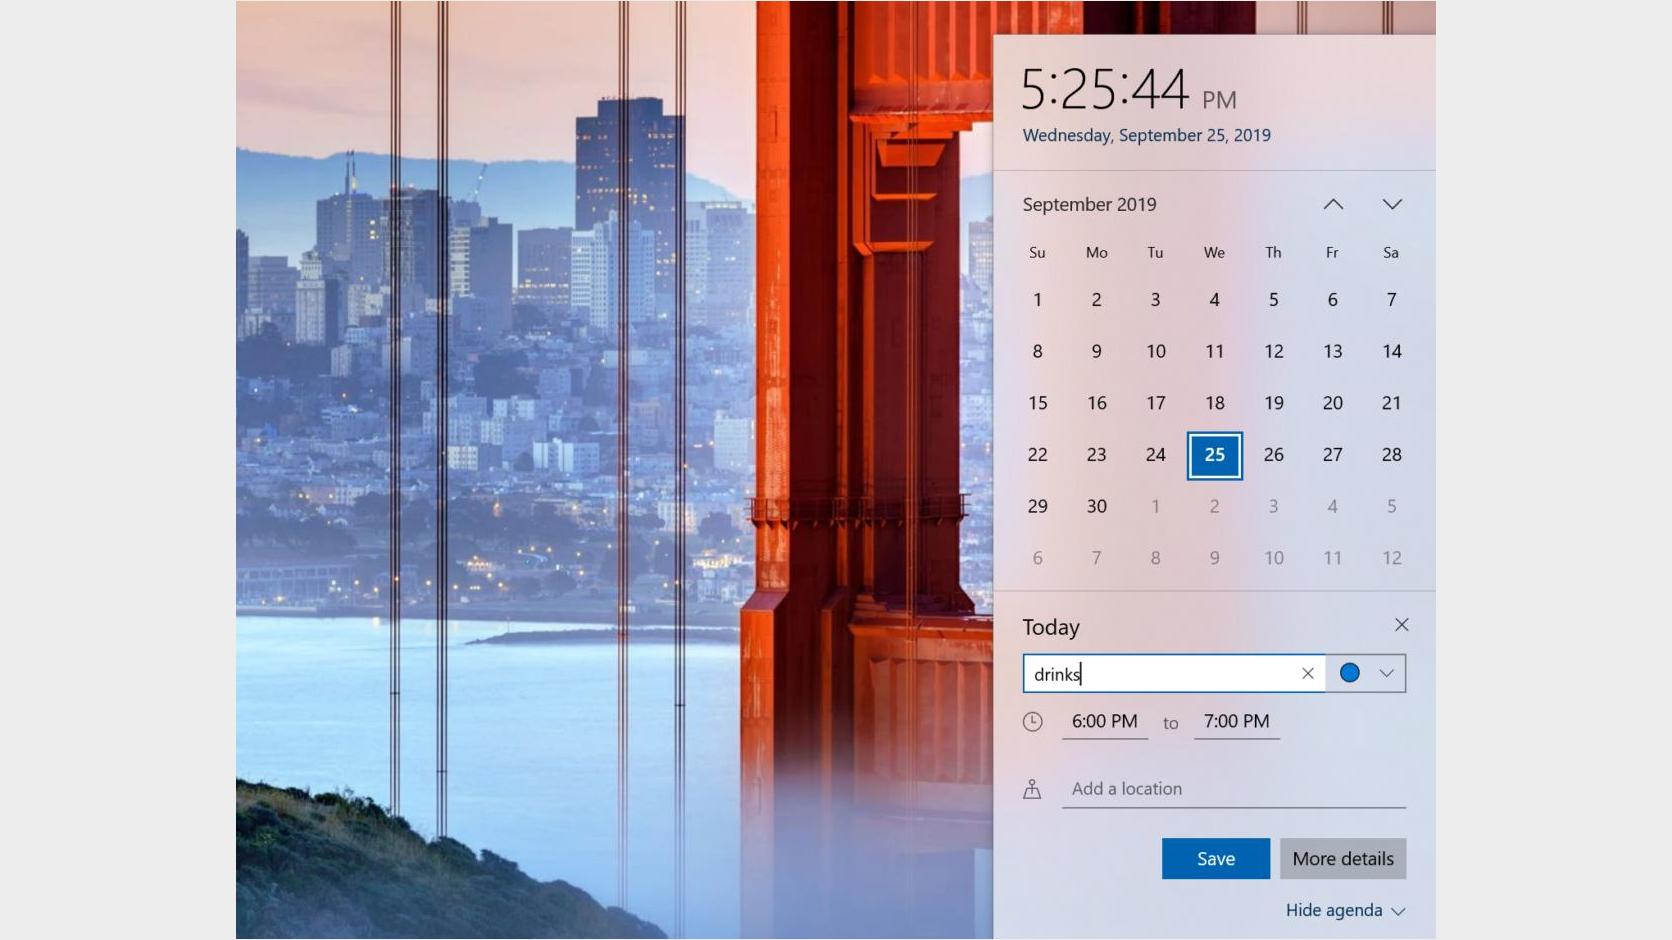 La actualización de Windows november 2019 ya se puede descargar